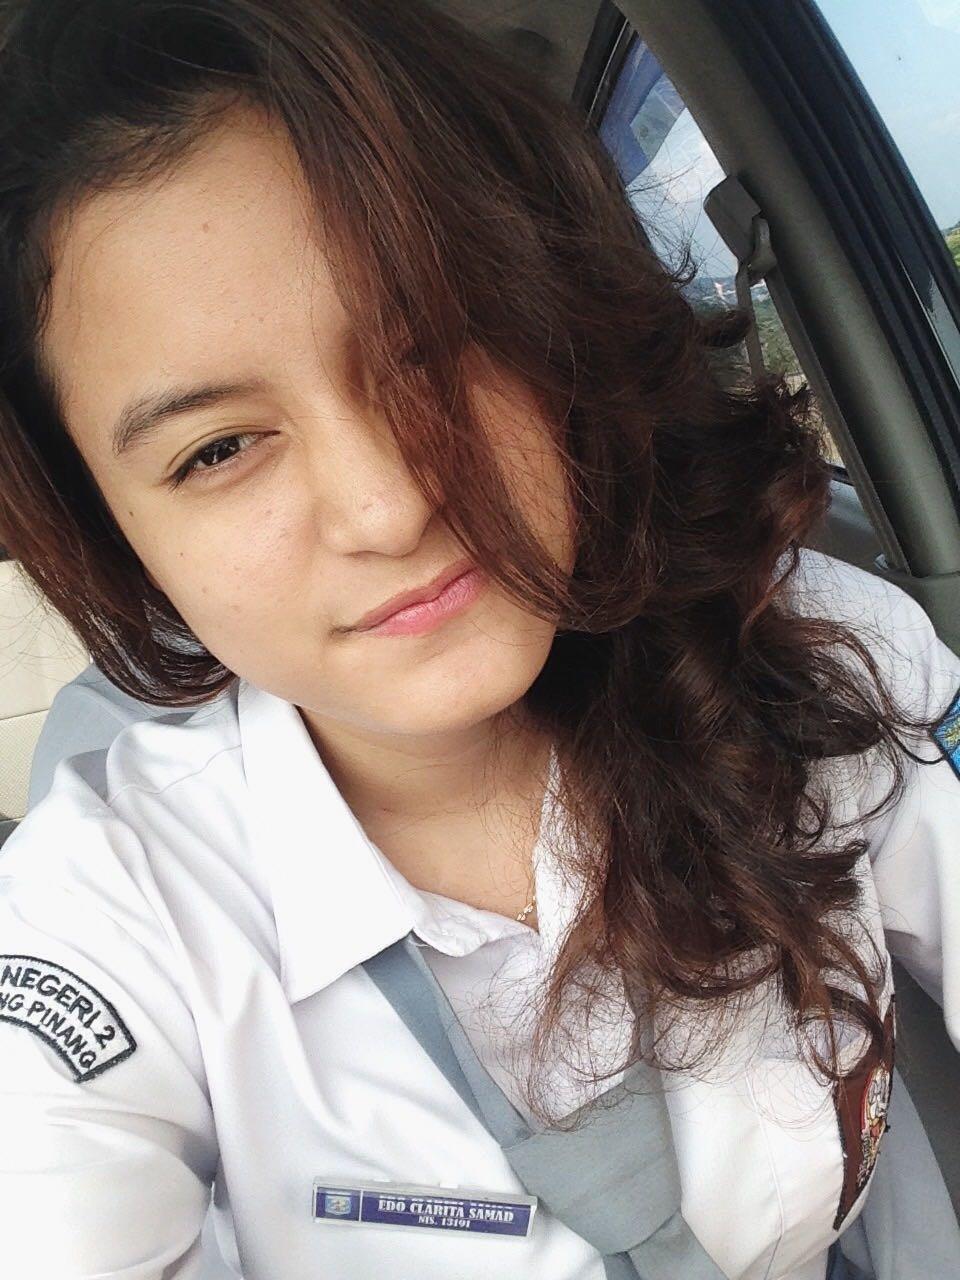 Noni Cantik dari Tanjungpinang yang viral (foto: Batamnews)